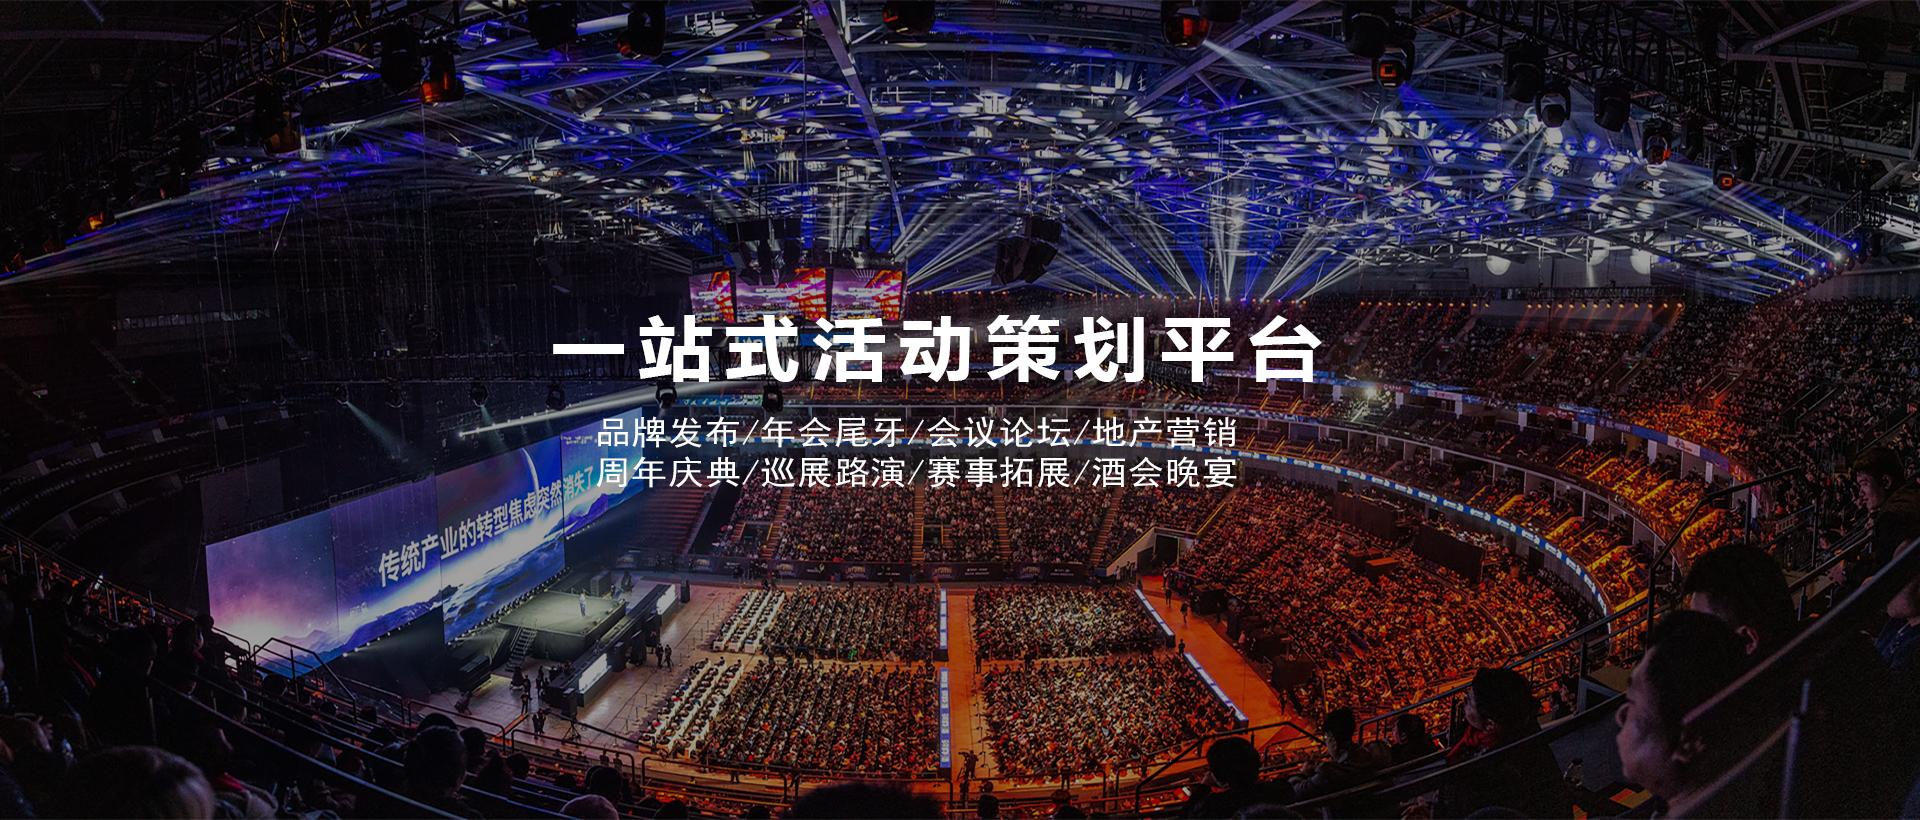 苏州腾跃文化传播有限公司